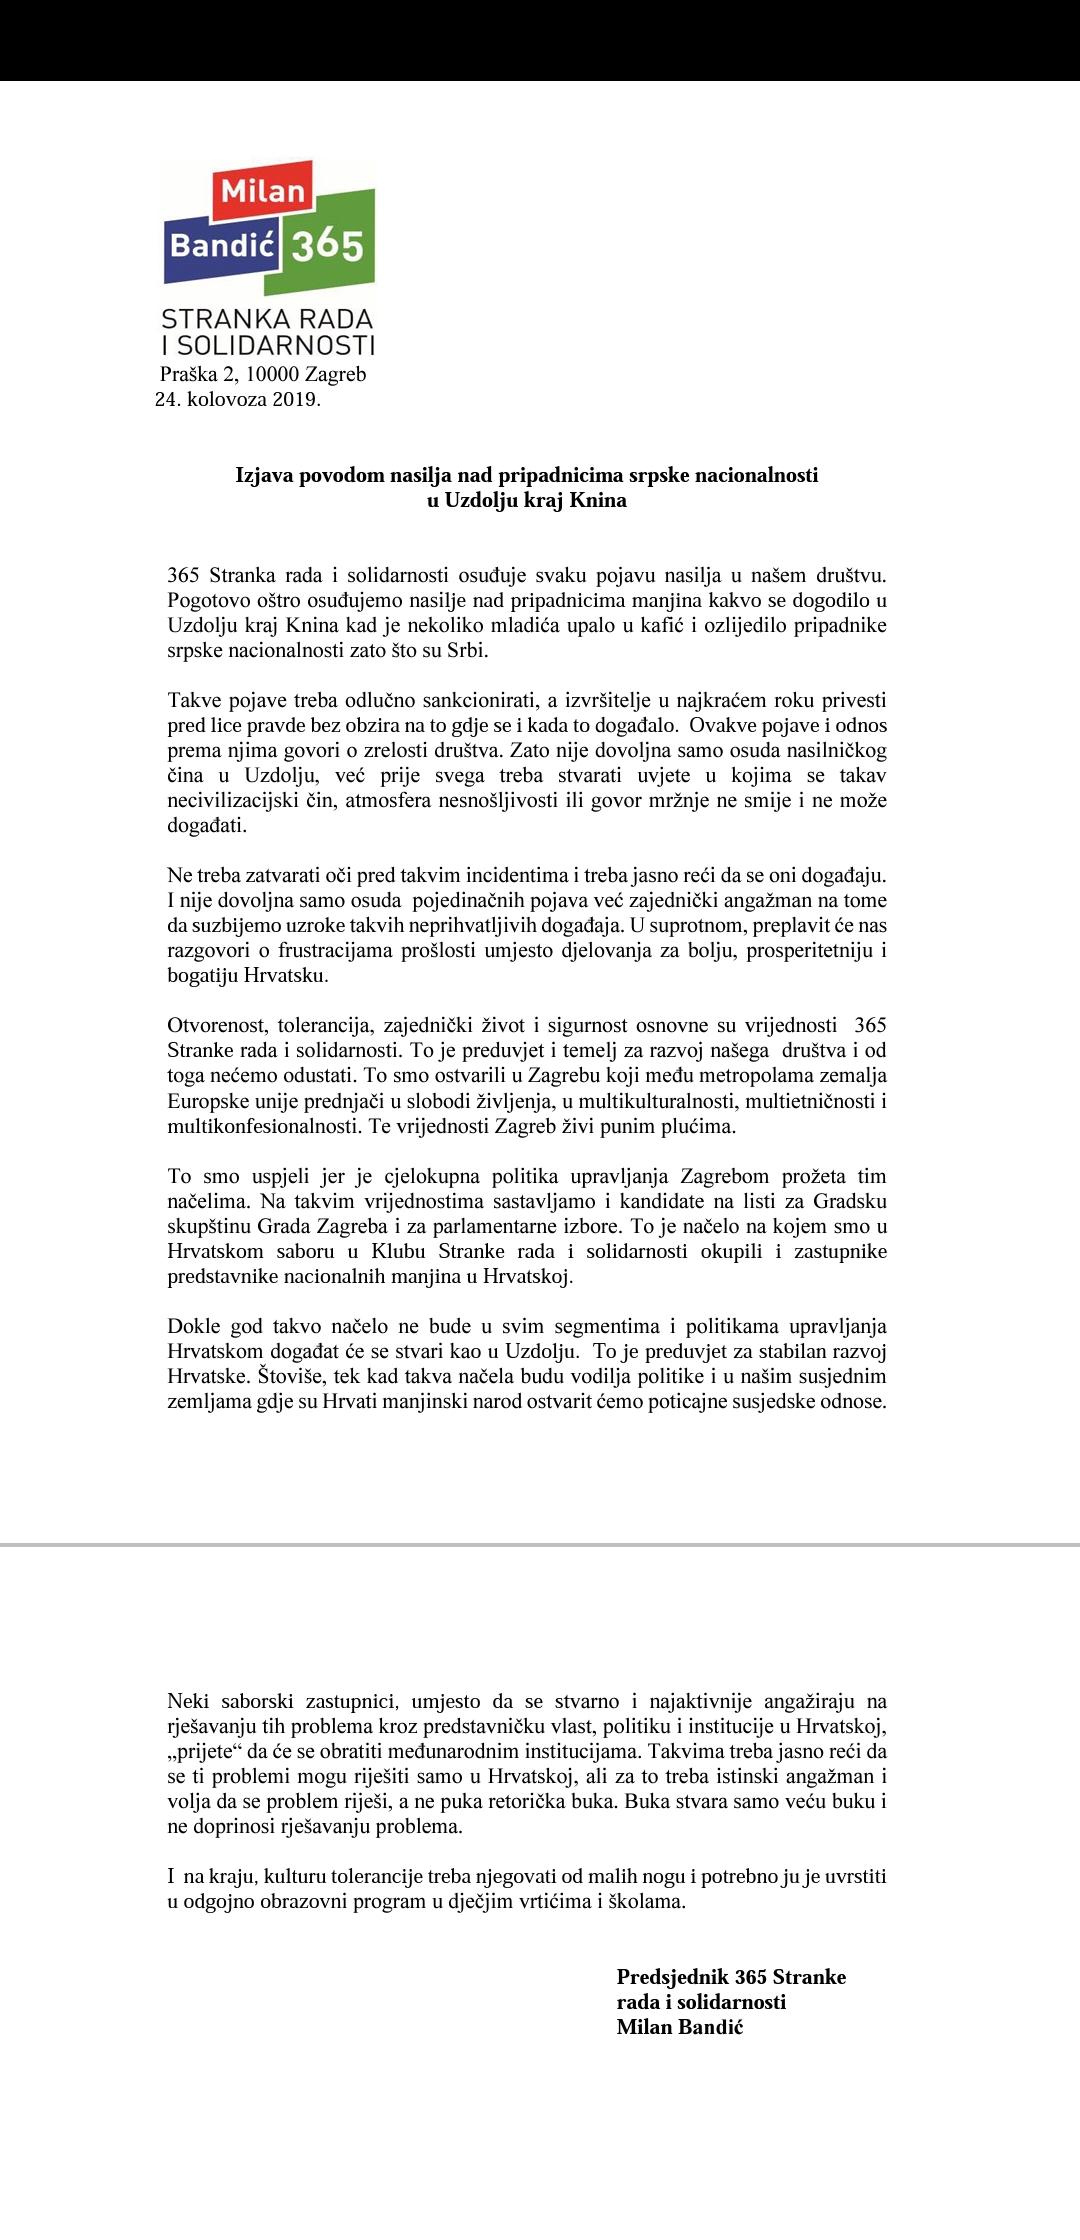 """""""Izjava povodom nasilja nad pripadnicima srpske nacionalnosti u Uzdolju kraj Knina""""."""